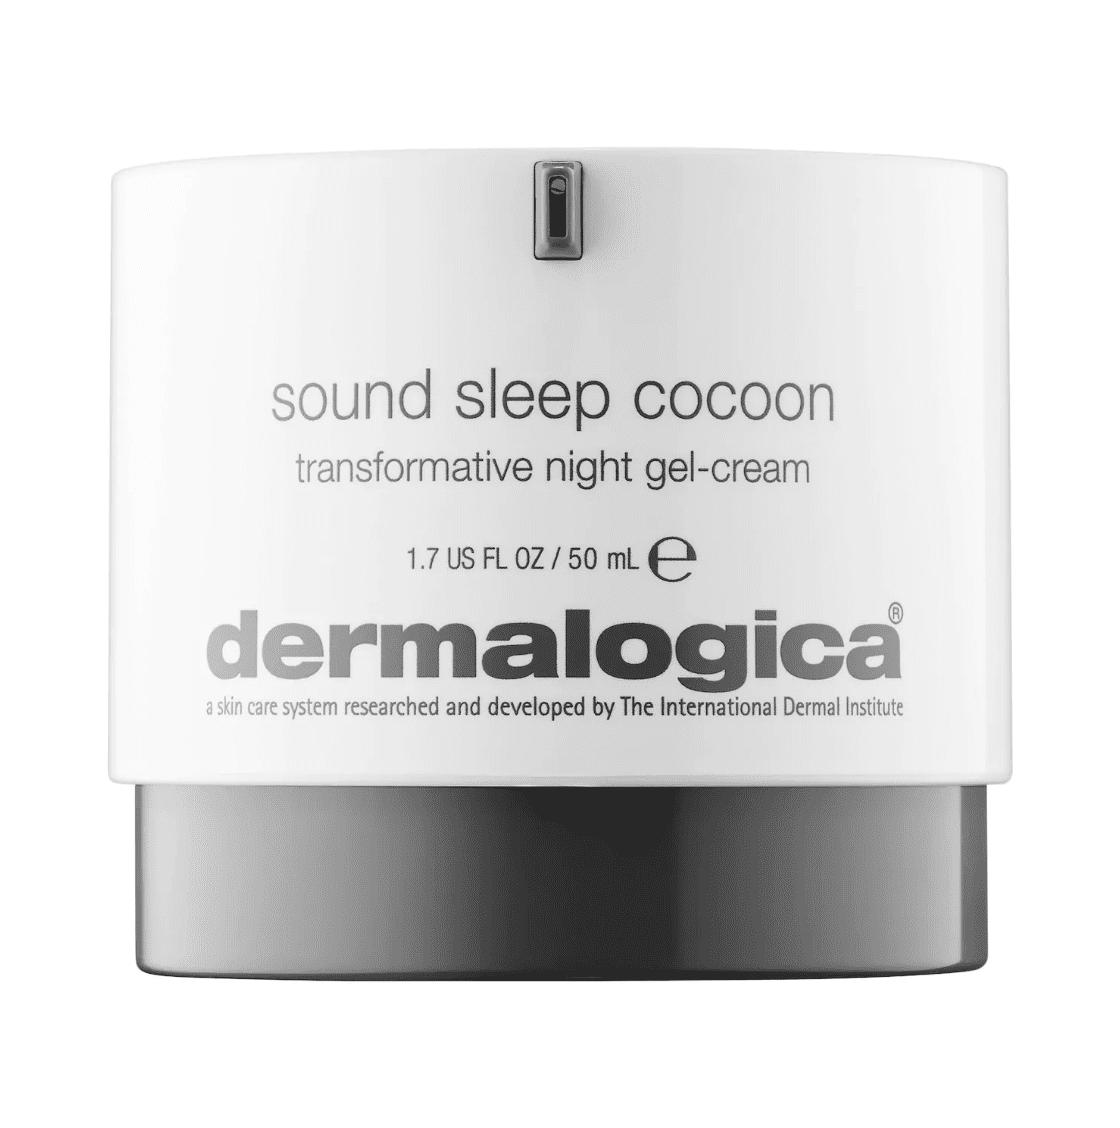 Sound Sleep Cocoon Dermalogica Night Cream